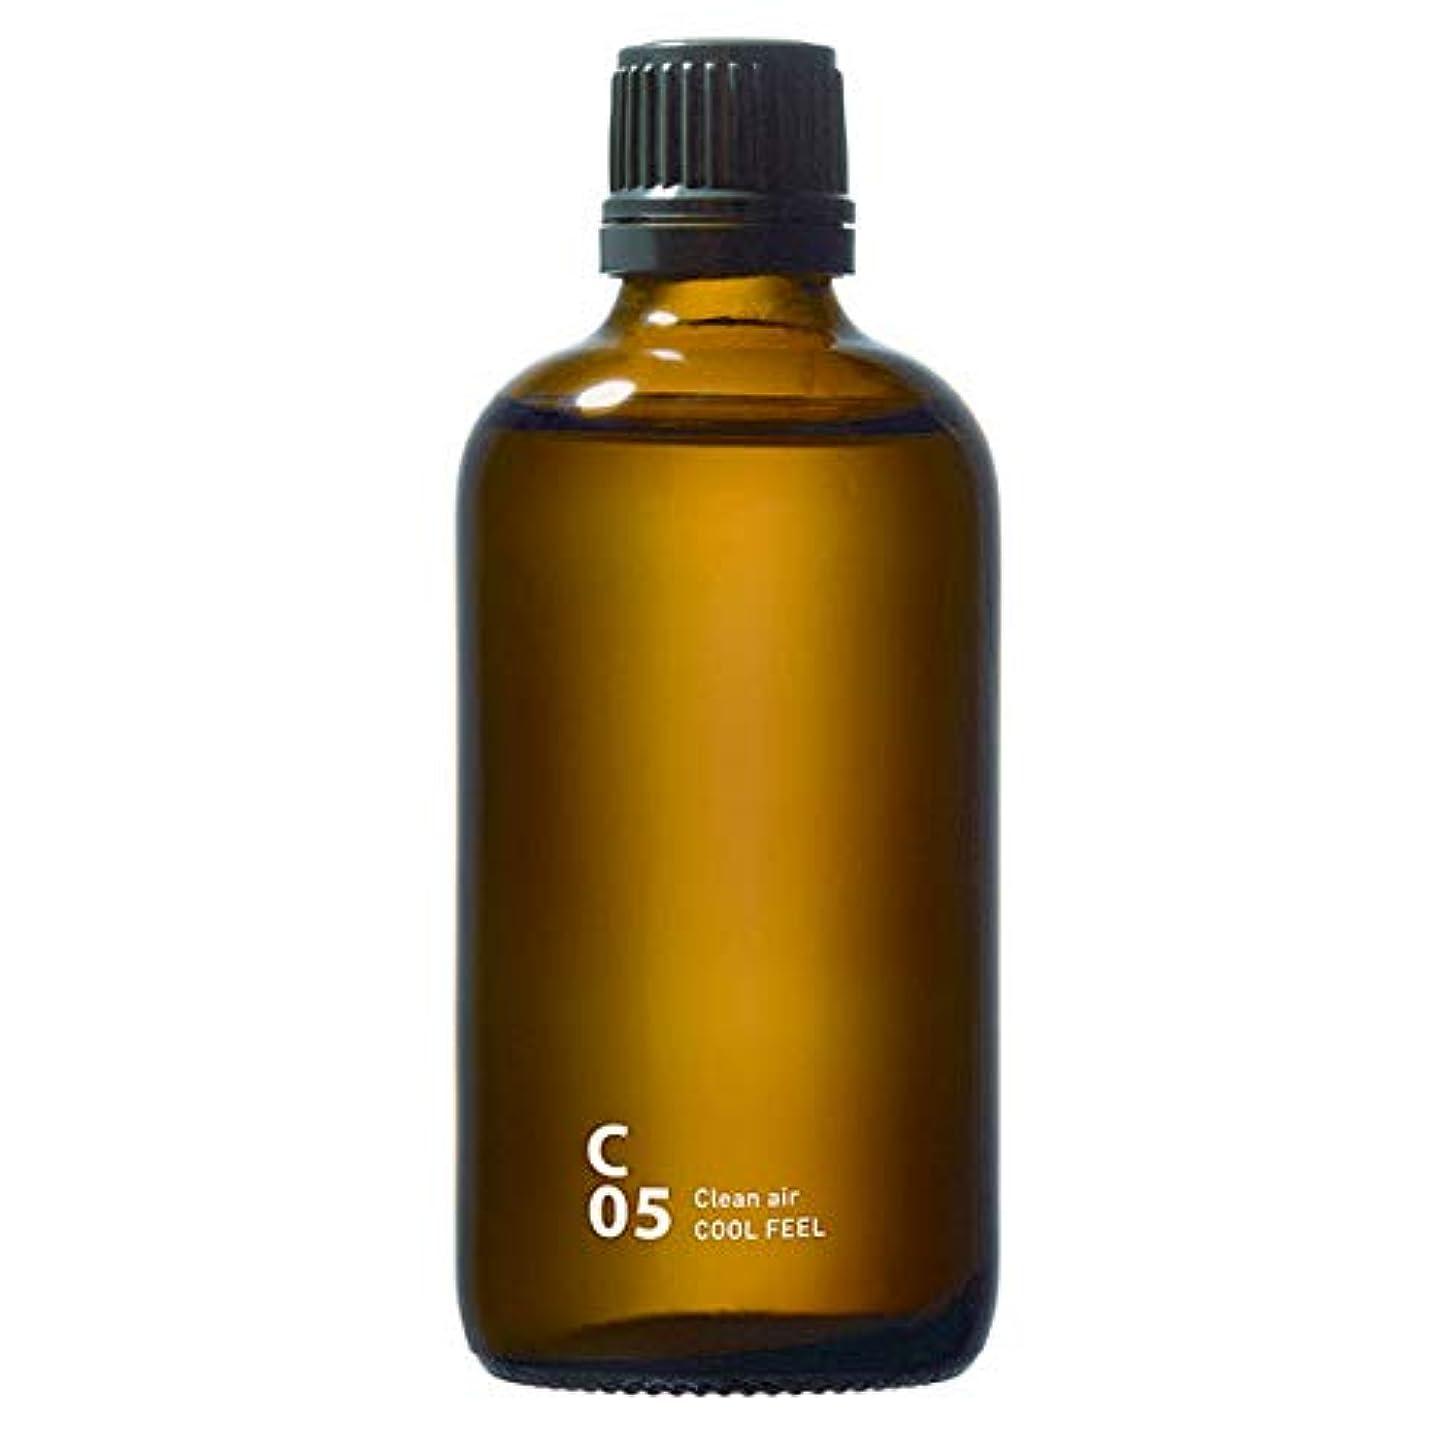 かわすジャーナリスト家事C05 COOL FEEL piezo aroma oil 100ml